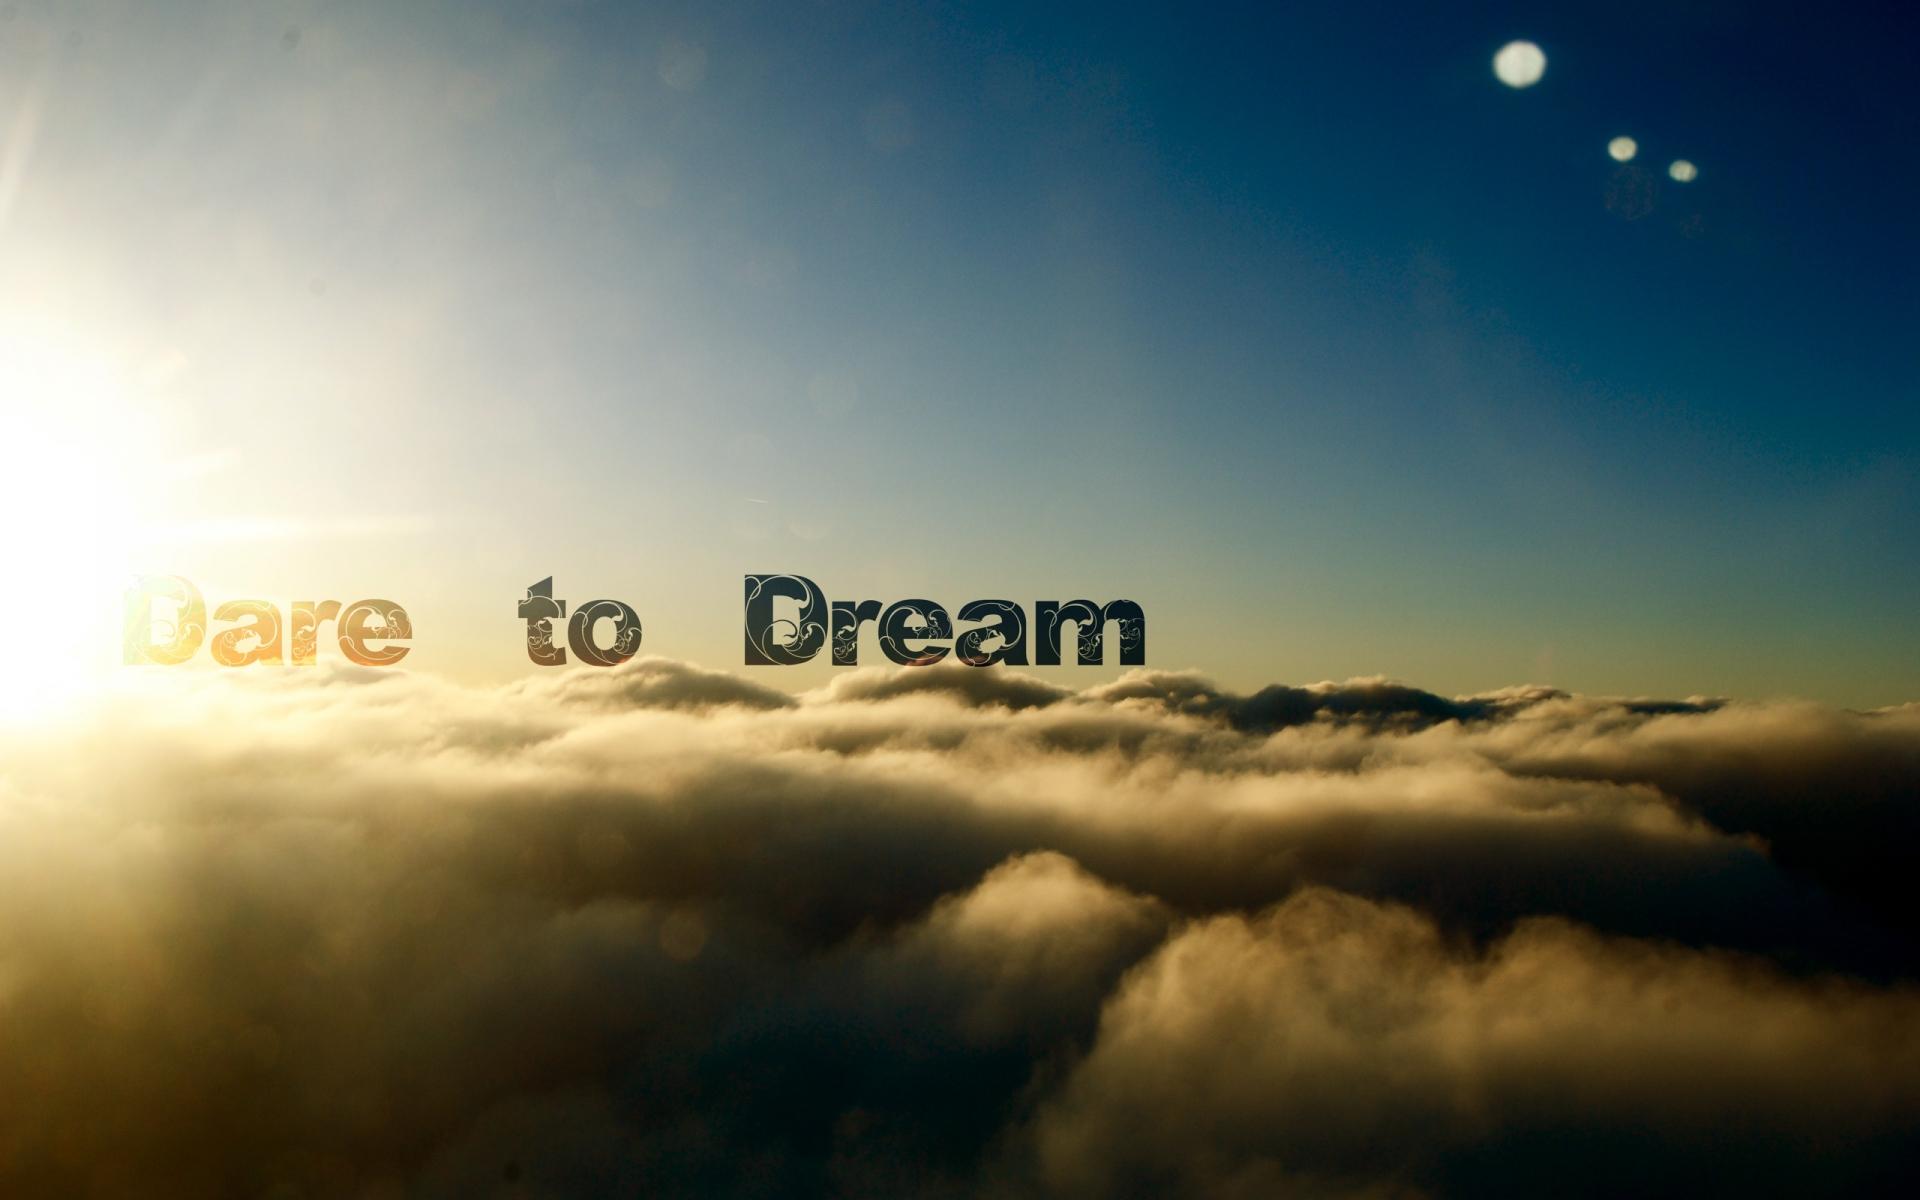 قانون جذب کائنات برای رسیدن به آرزوها (آیا تابه حال به چگونگی برآورده شدن آرزوهایتان اندیشیده اید؟)